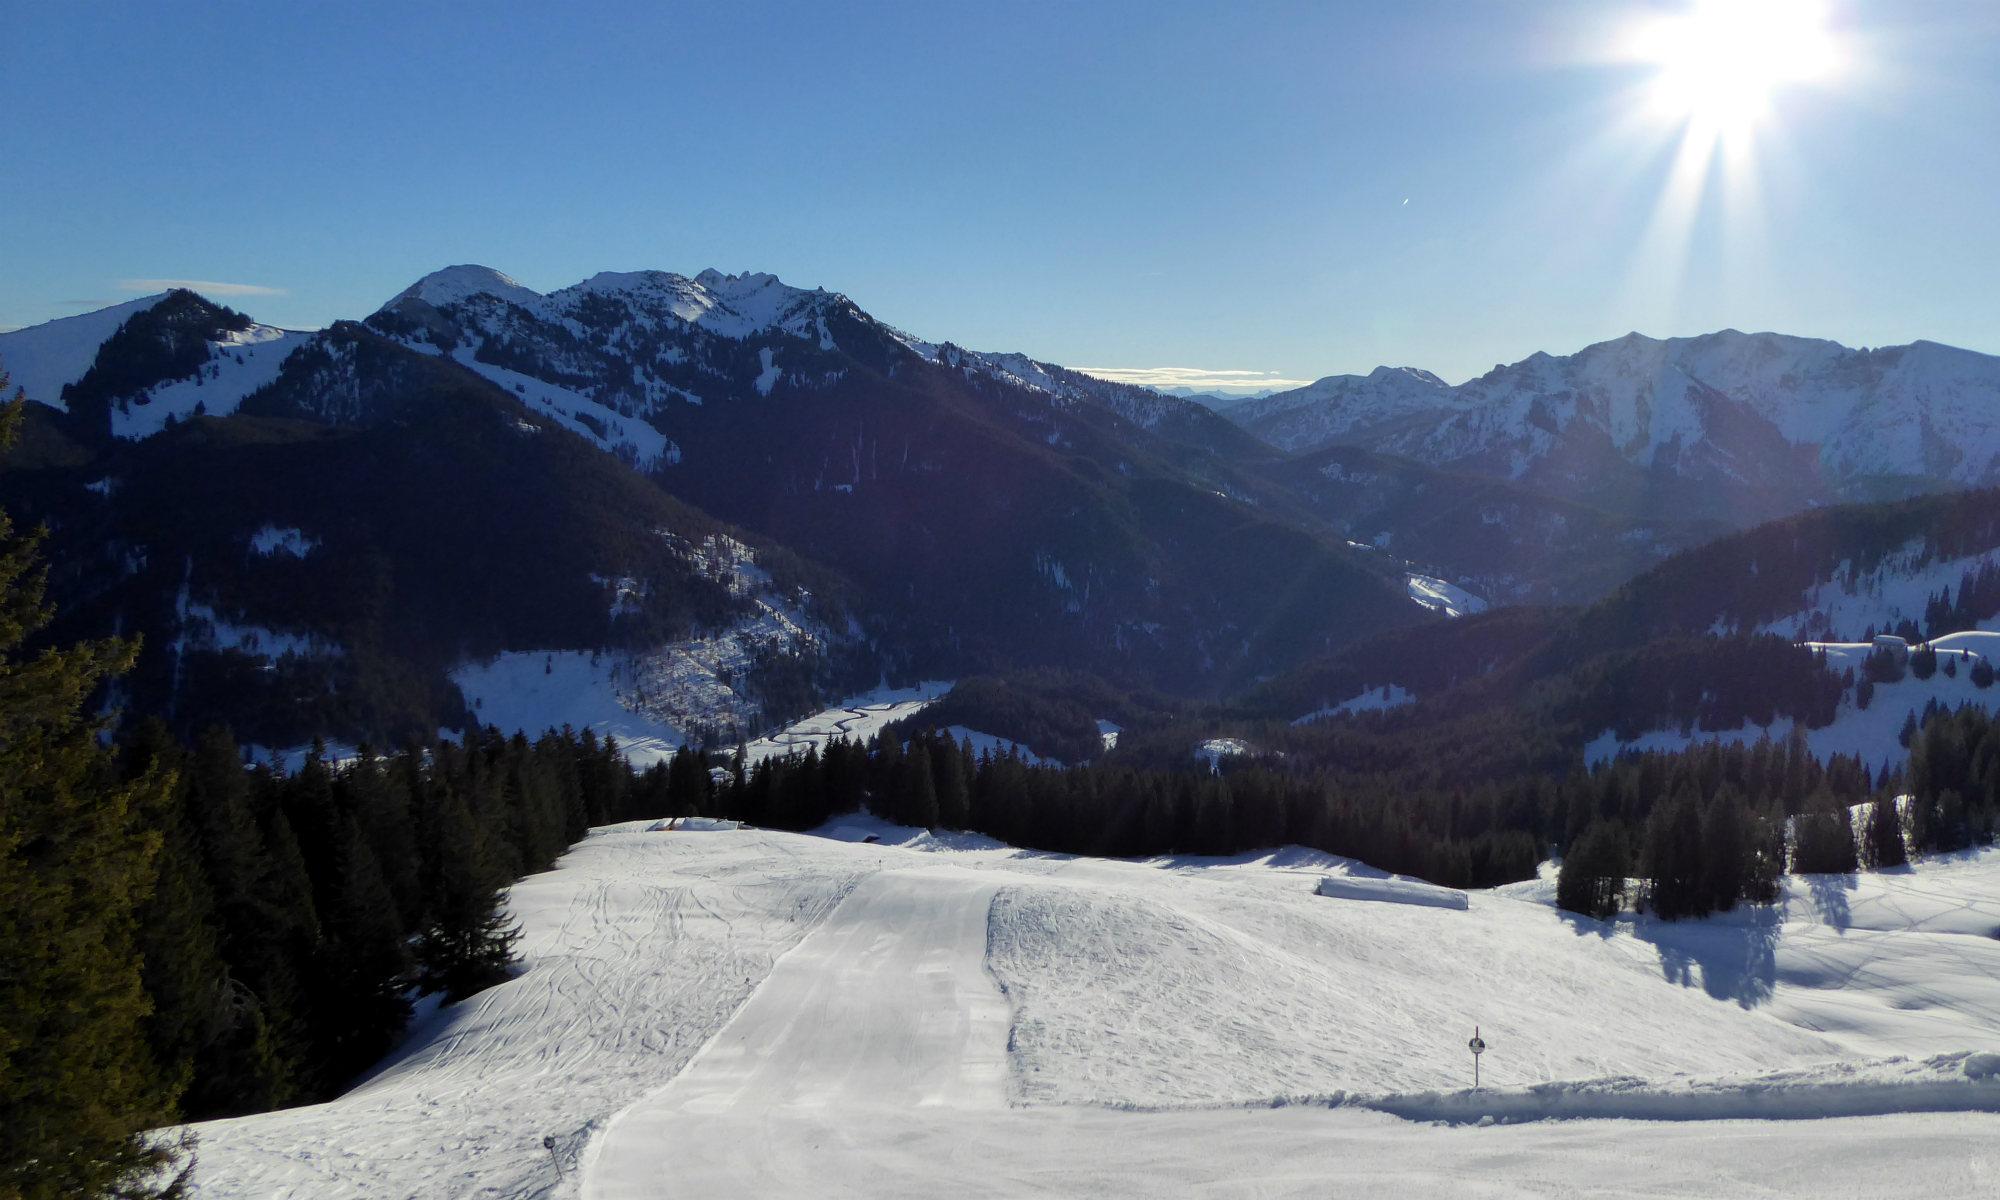 Von den Gipfeln des Skigebiets Tegernsee hat man eine wunderschöne Aussicht auf die sonnigen, schneebedeckten Pisten.